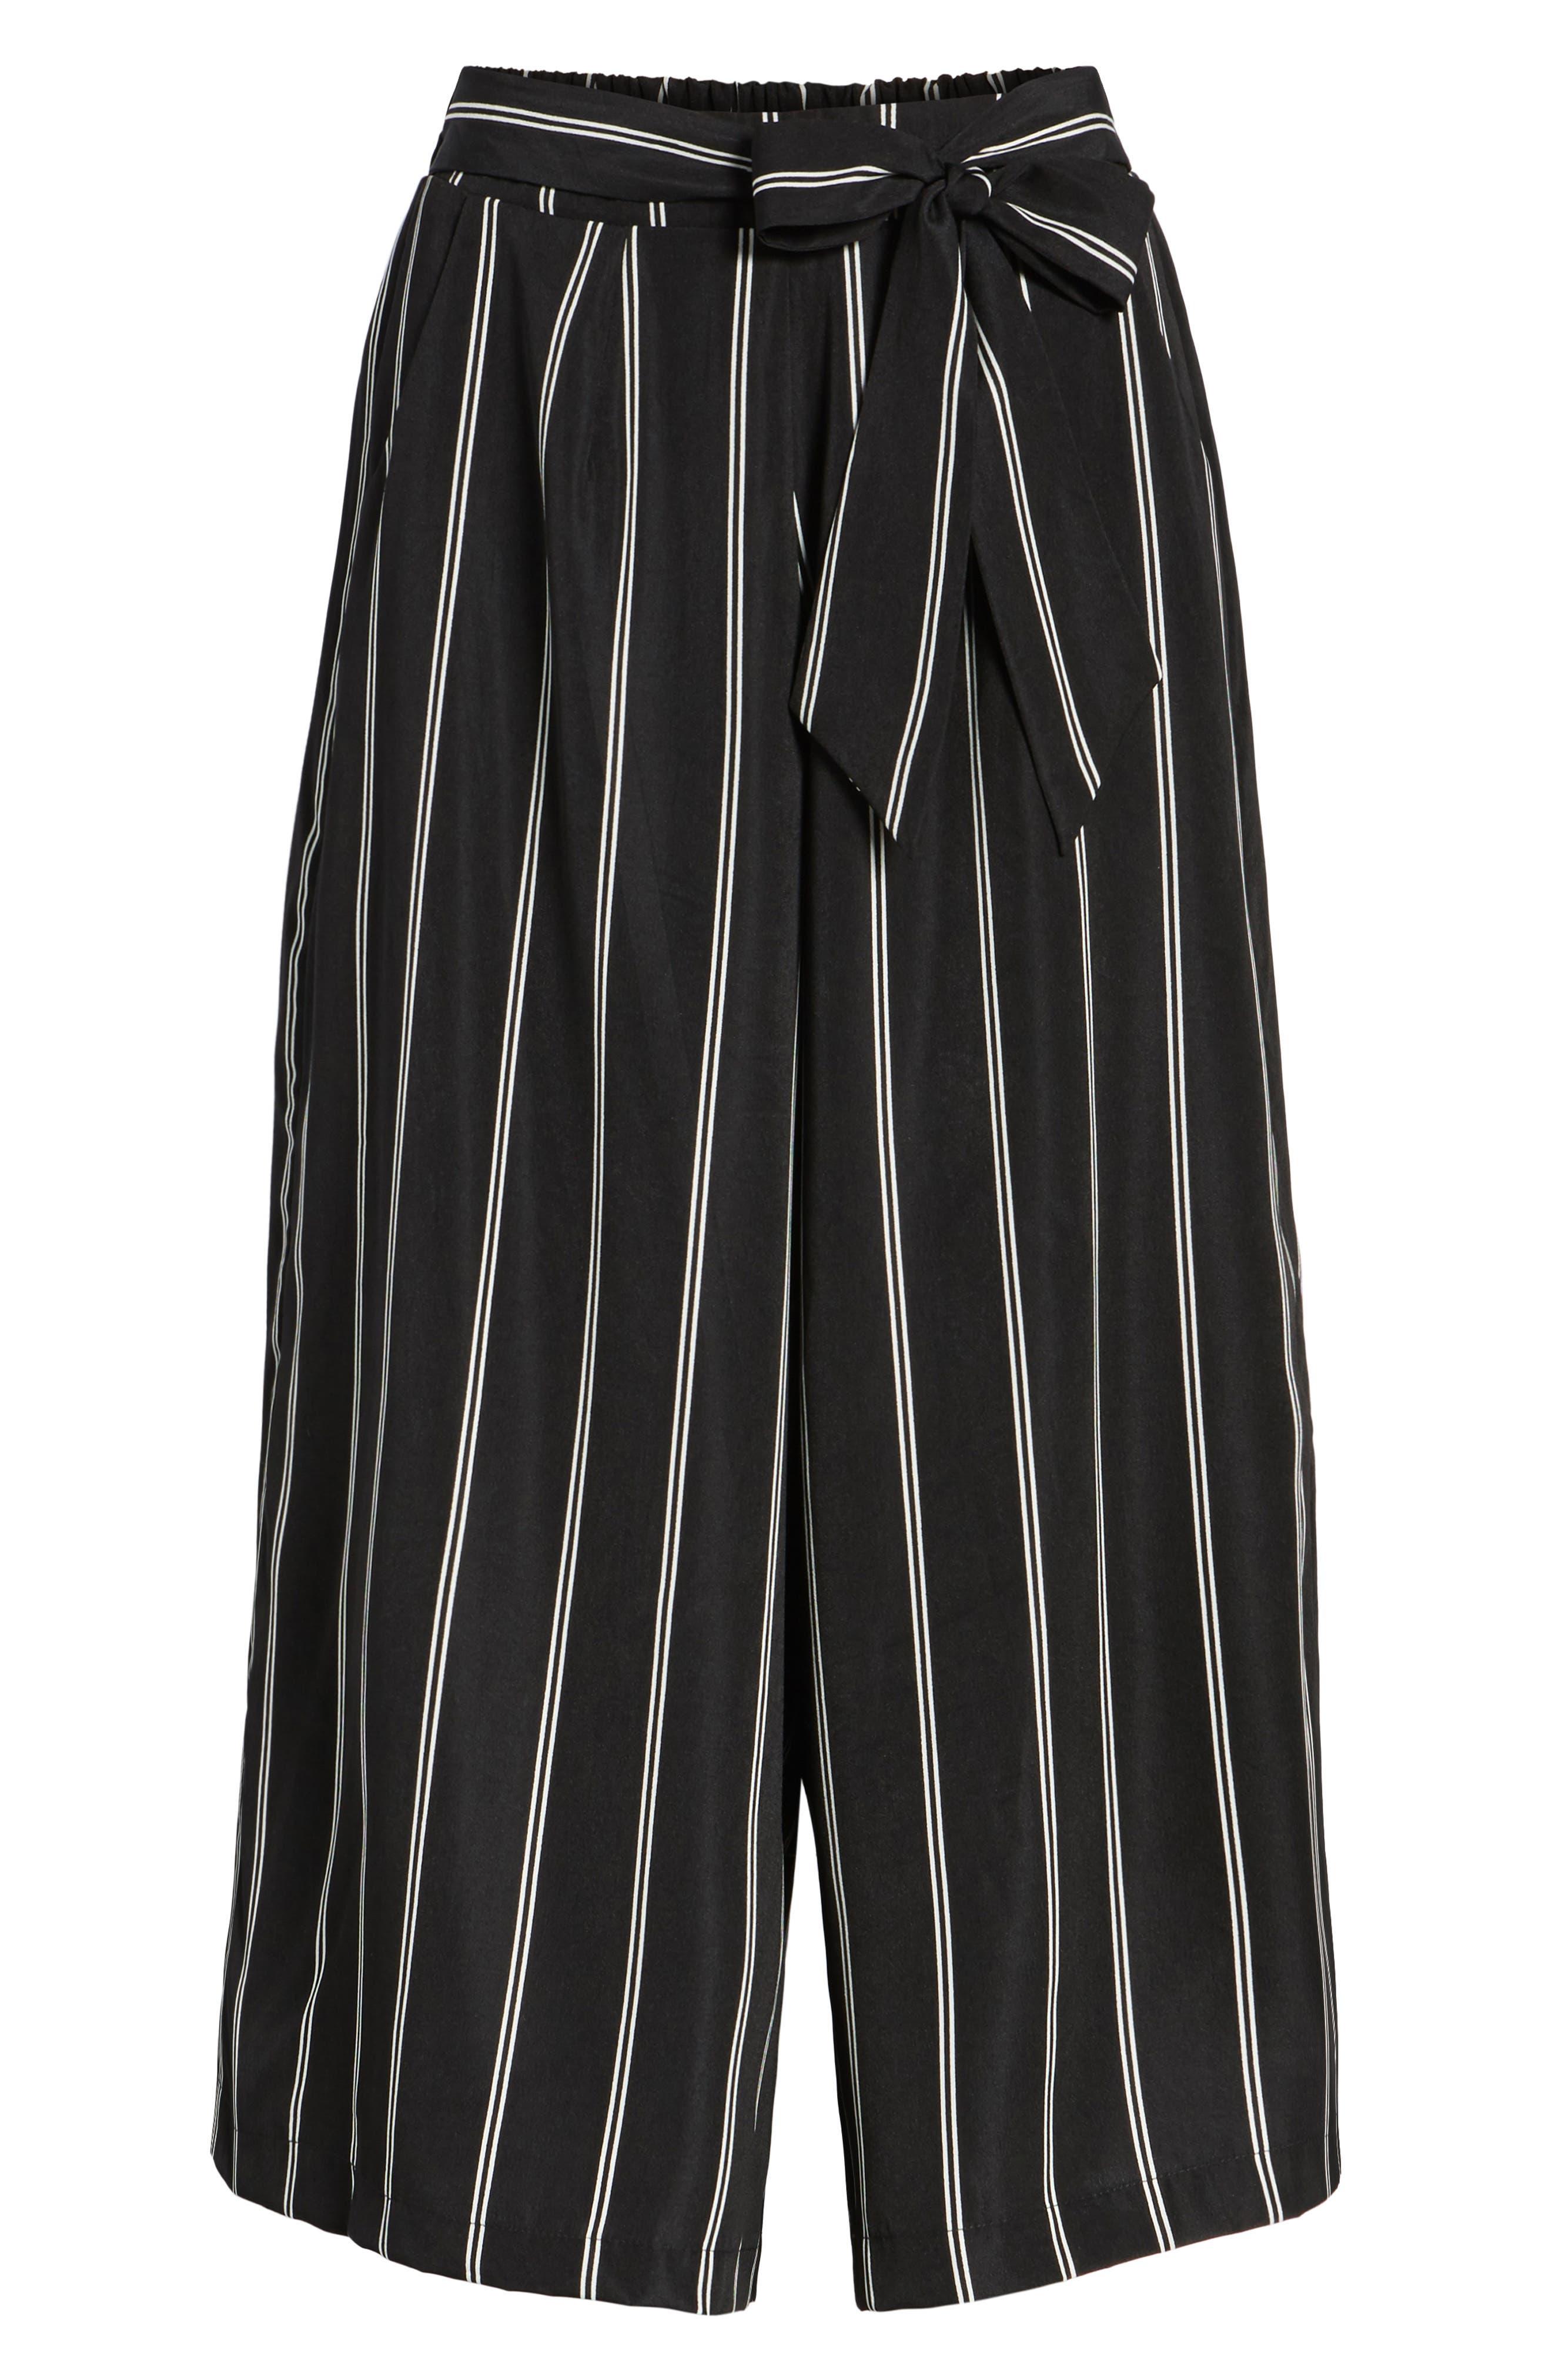 Stripe Tie Front Crop Pants,                             Alternate thumbnail 6, color,                             001